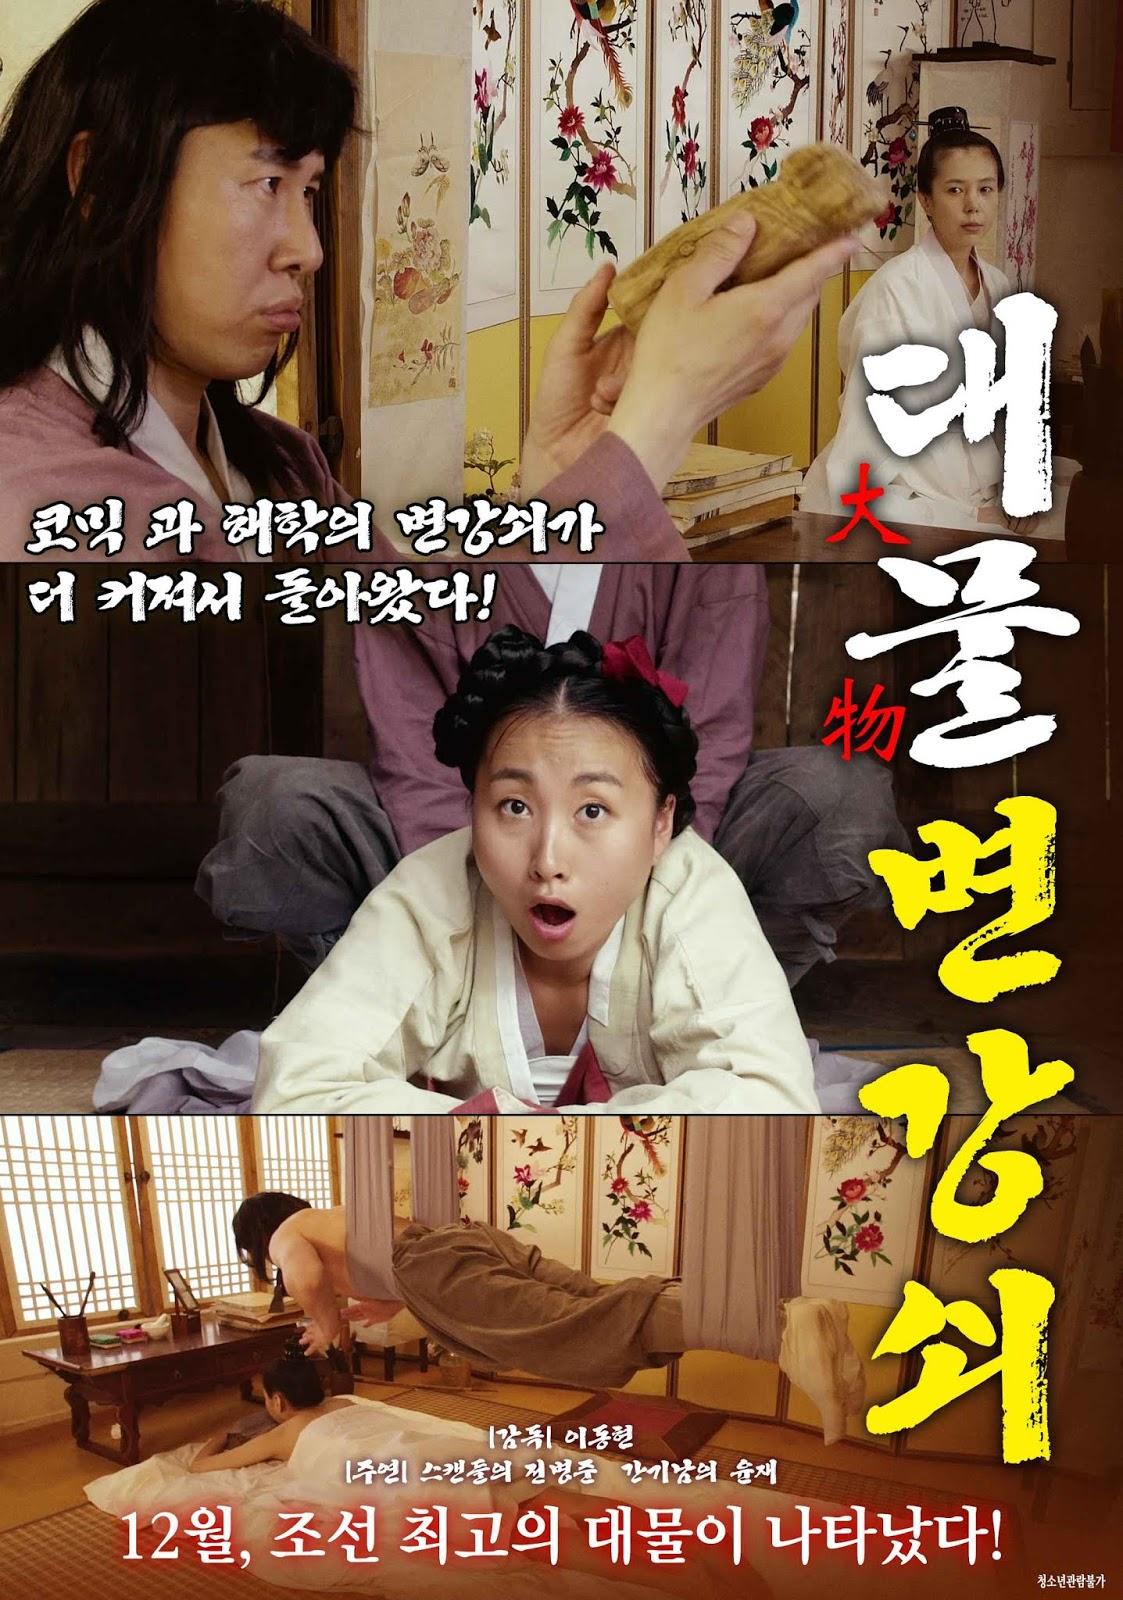 A target stud Full Korea 18+ Adult Movie Online Free